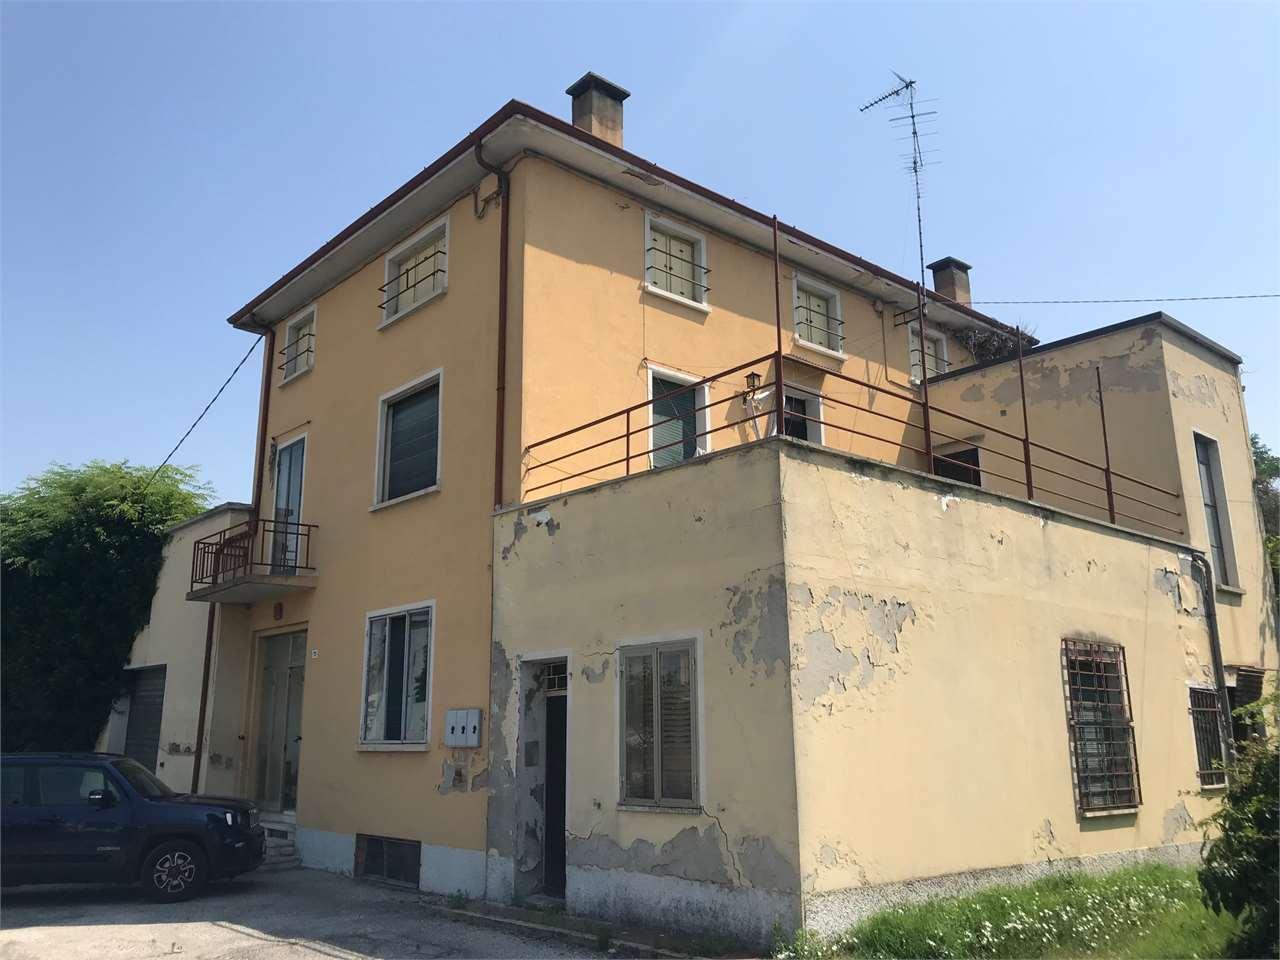 Soluzione Indipendente in vendita a Ostiglia, 9999 locali, prezzo € 200.000 | CambioCasa.it